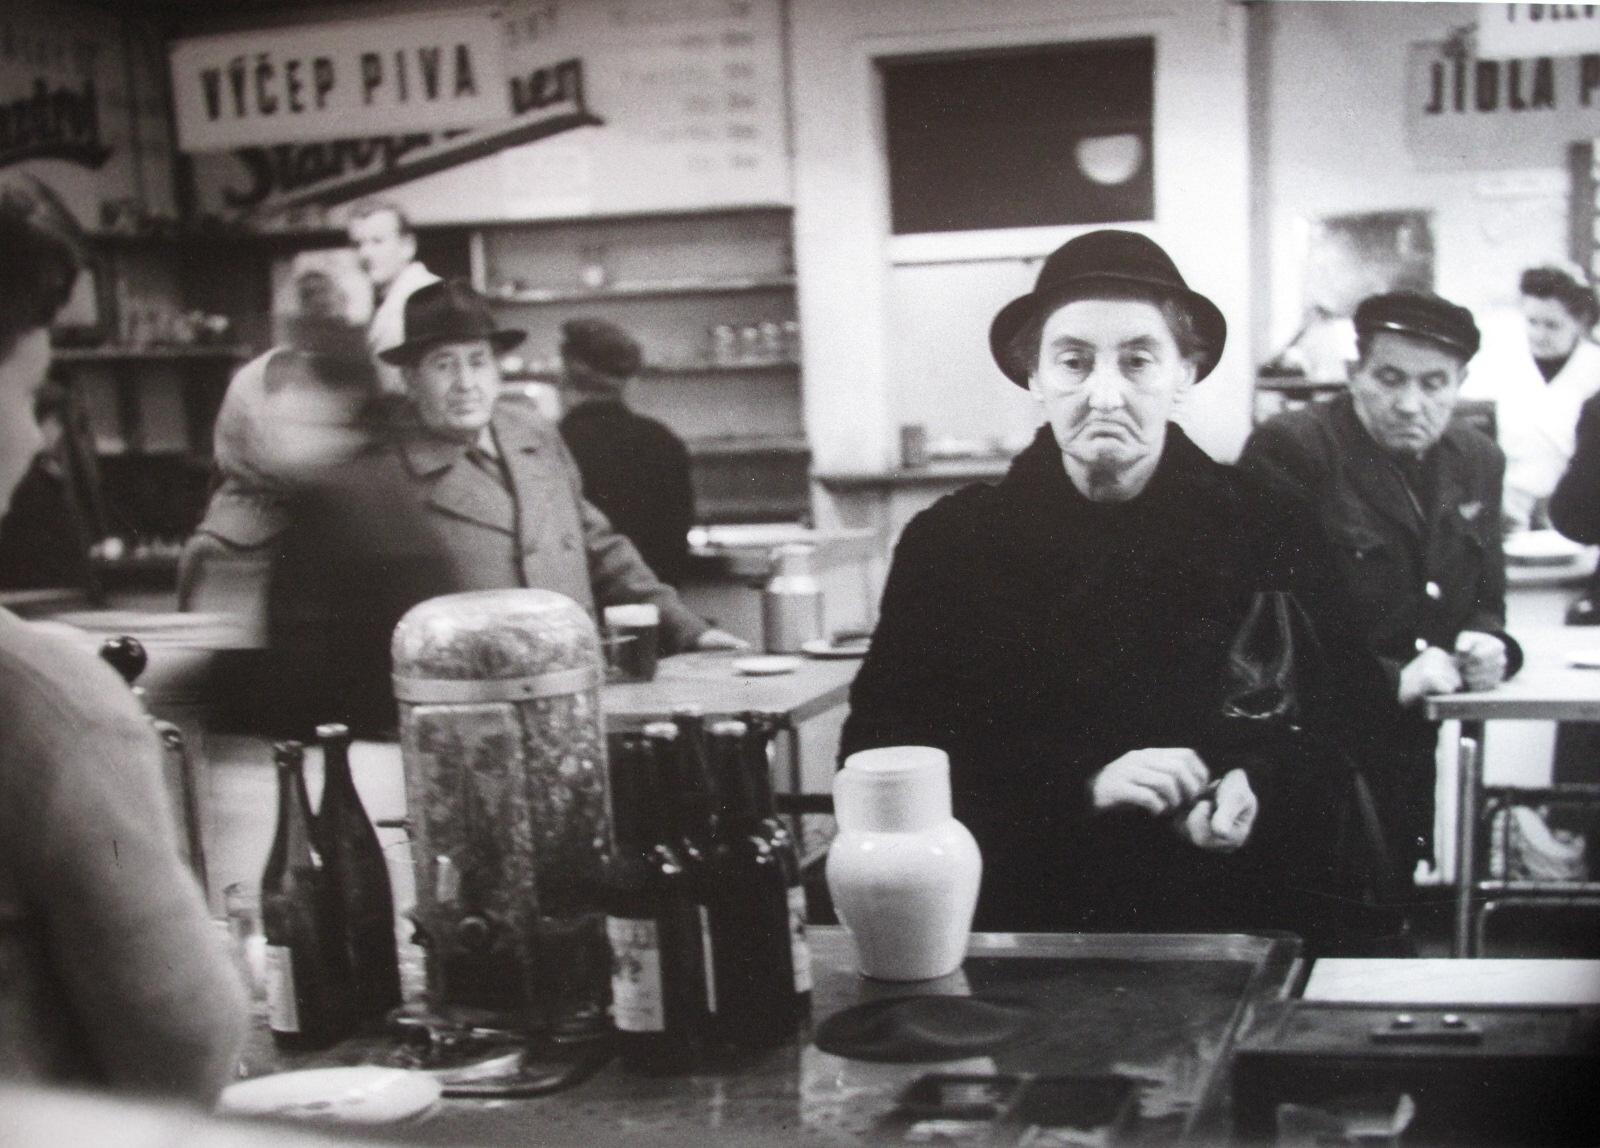 Dobová fotografie z hospody, v centru stará dáma v klobouku